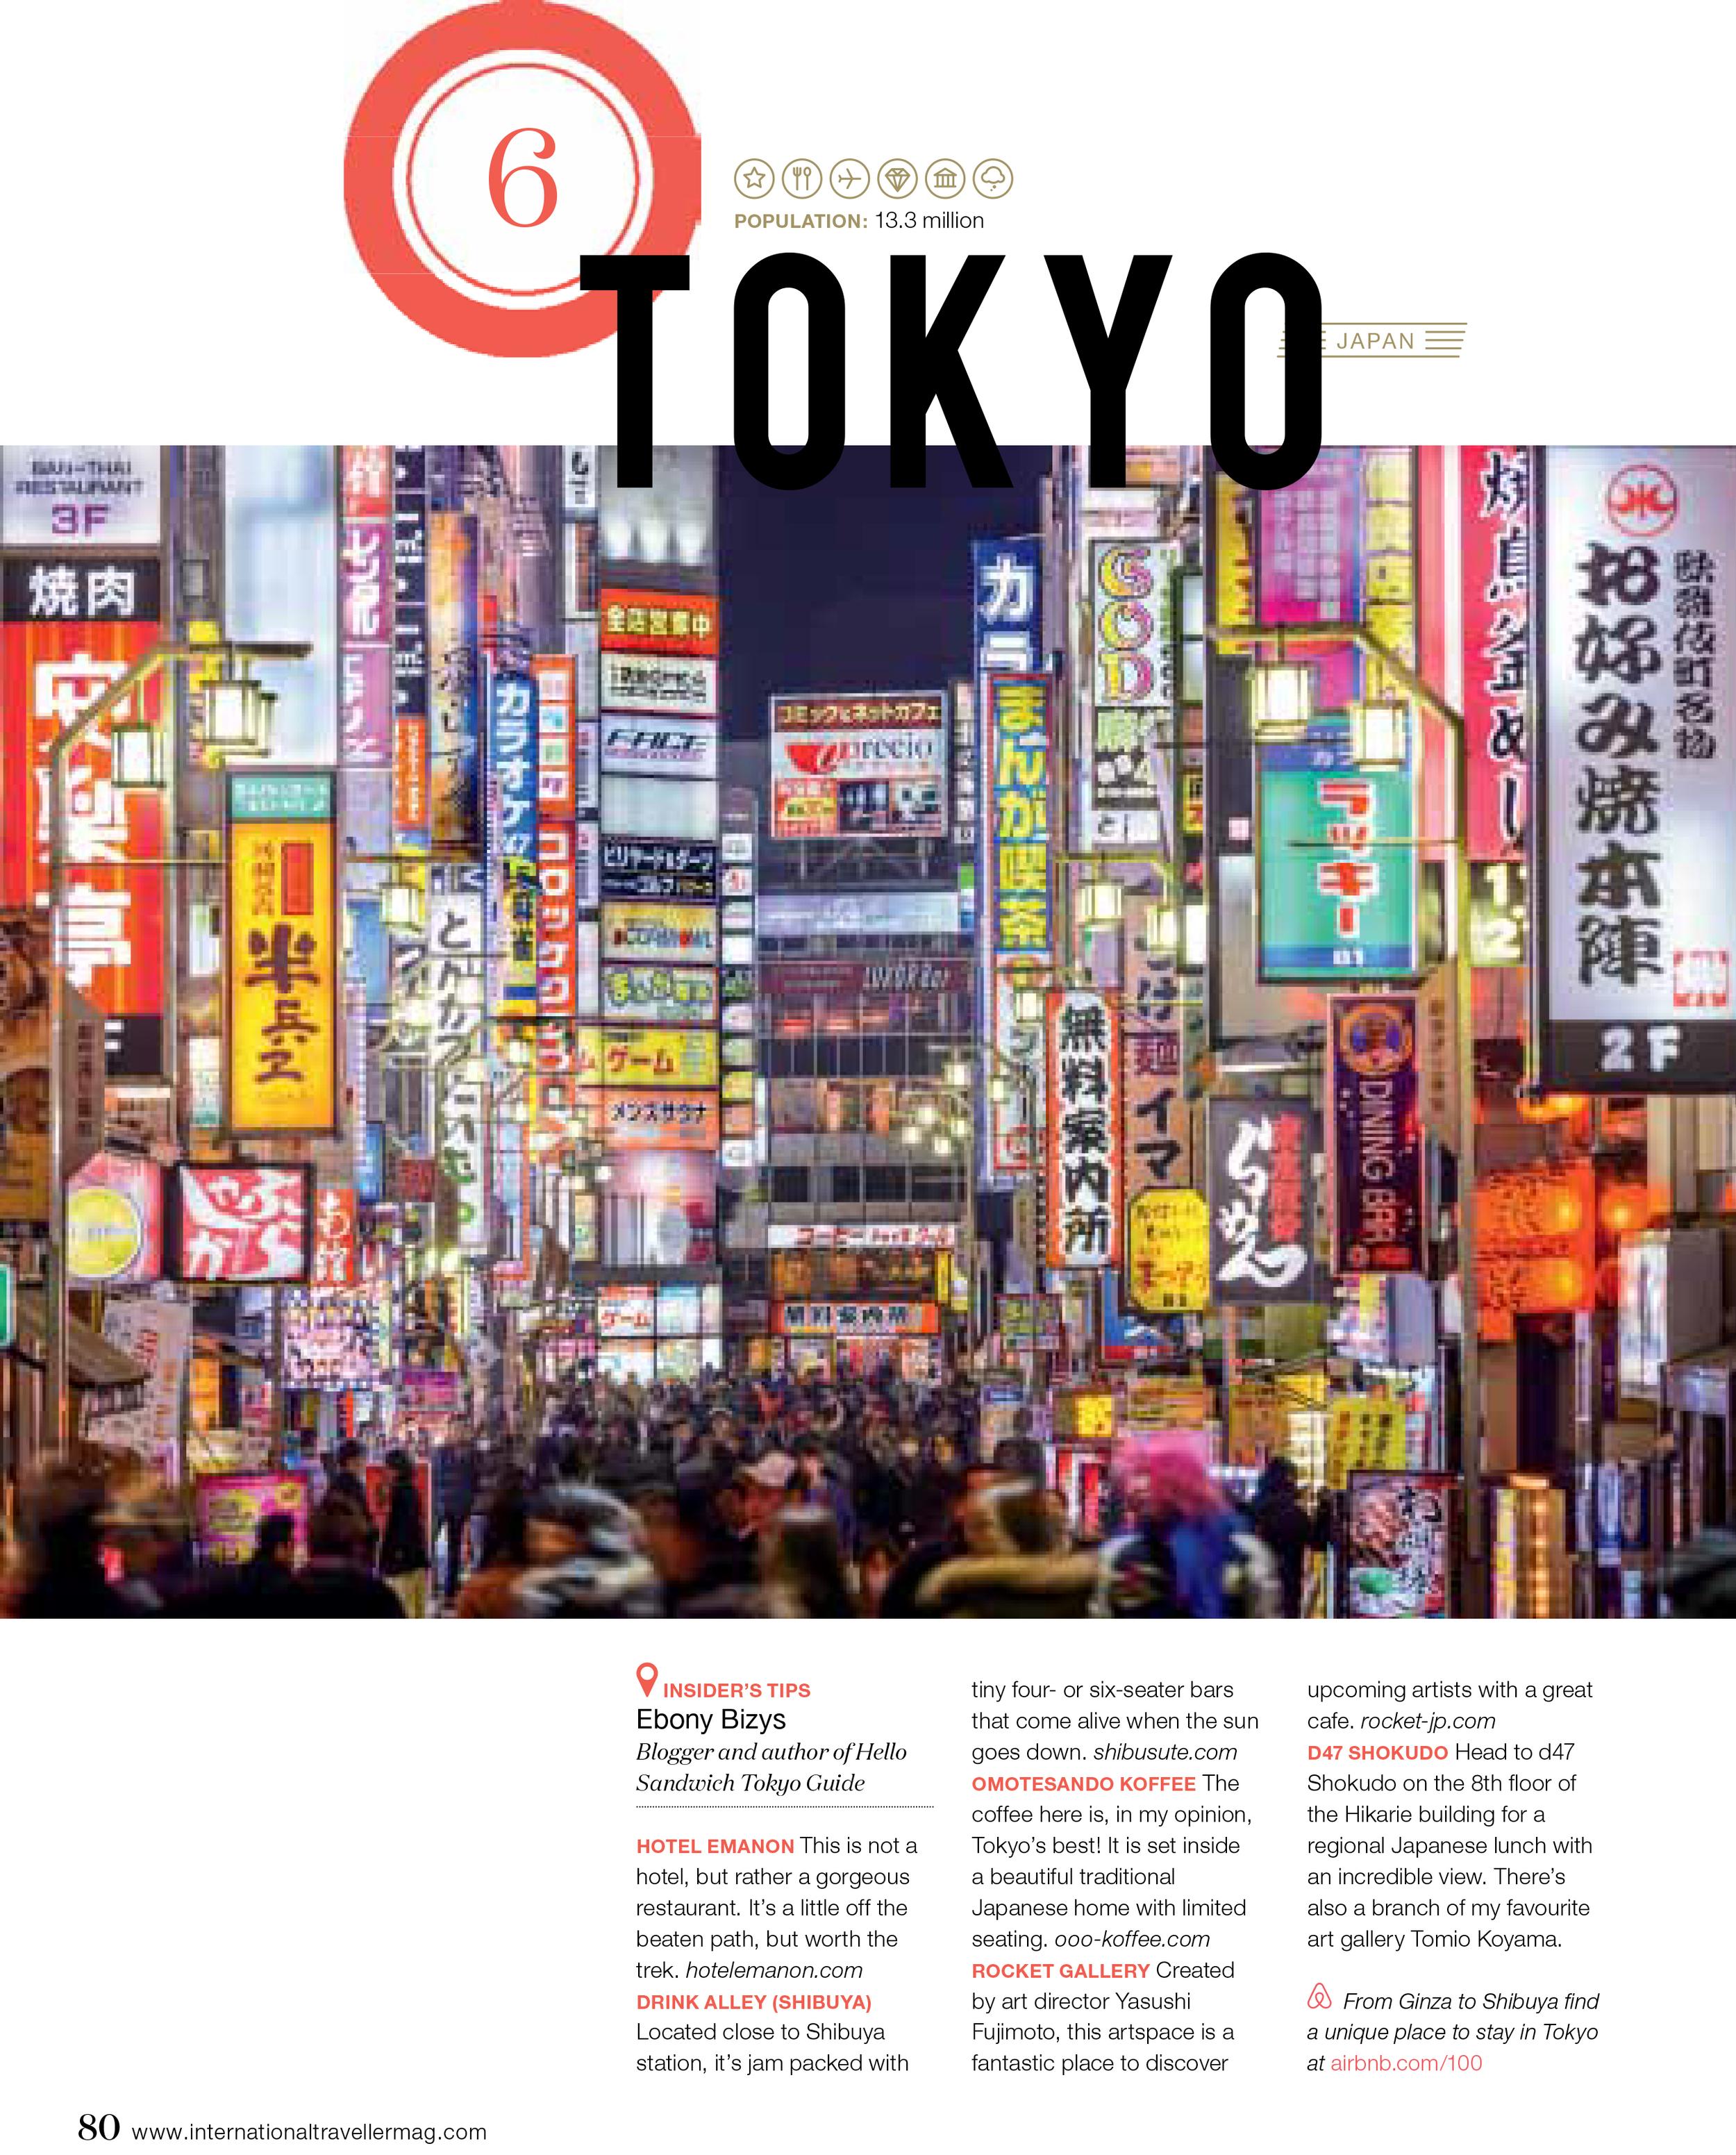 IT19_100 cities_1-10.jpg